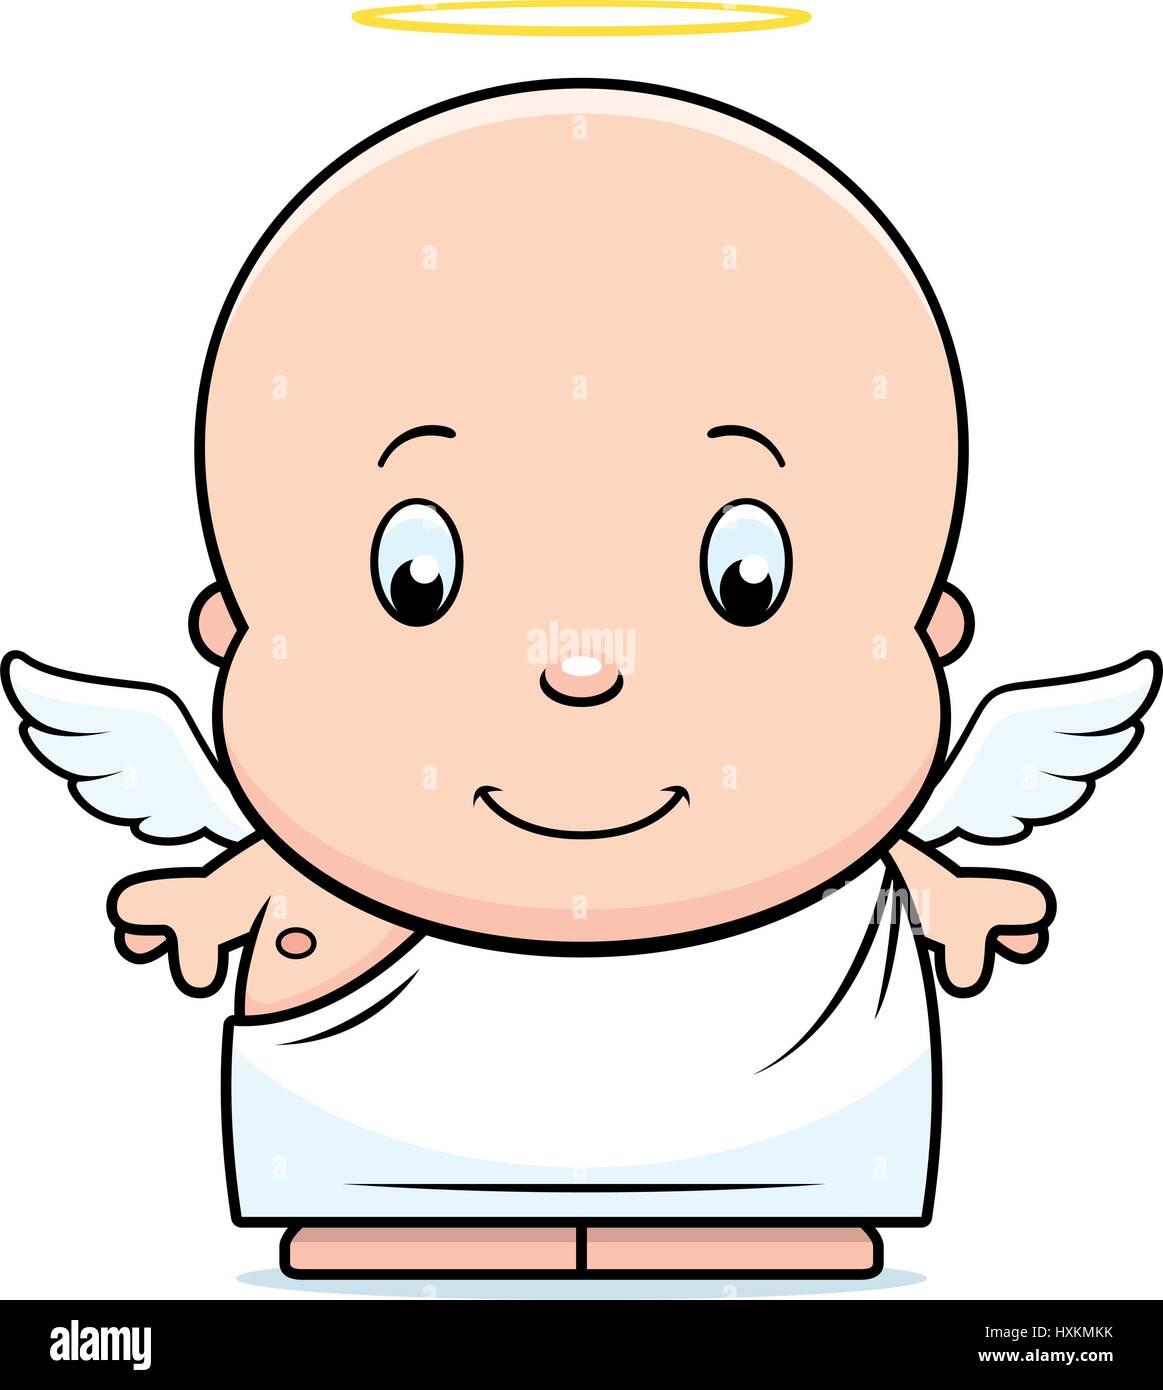 Une Illustration D Un Dessin Animé Bébé Ange Avec Des Ailes